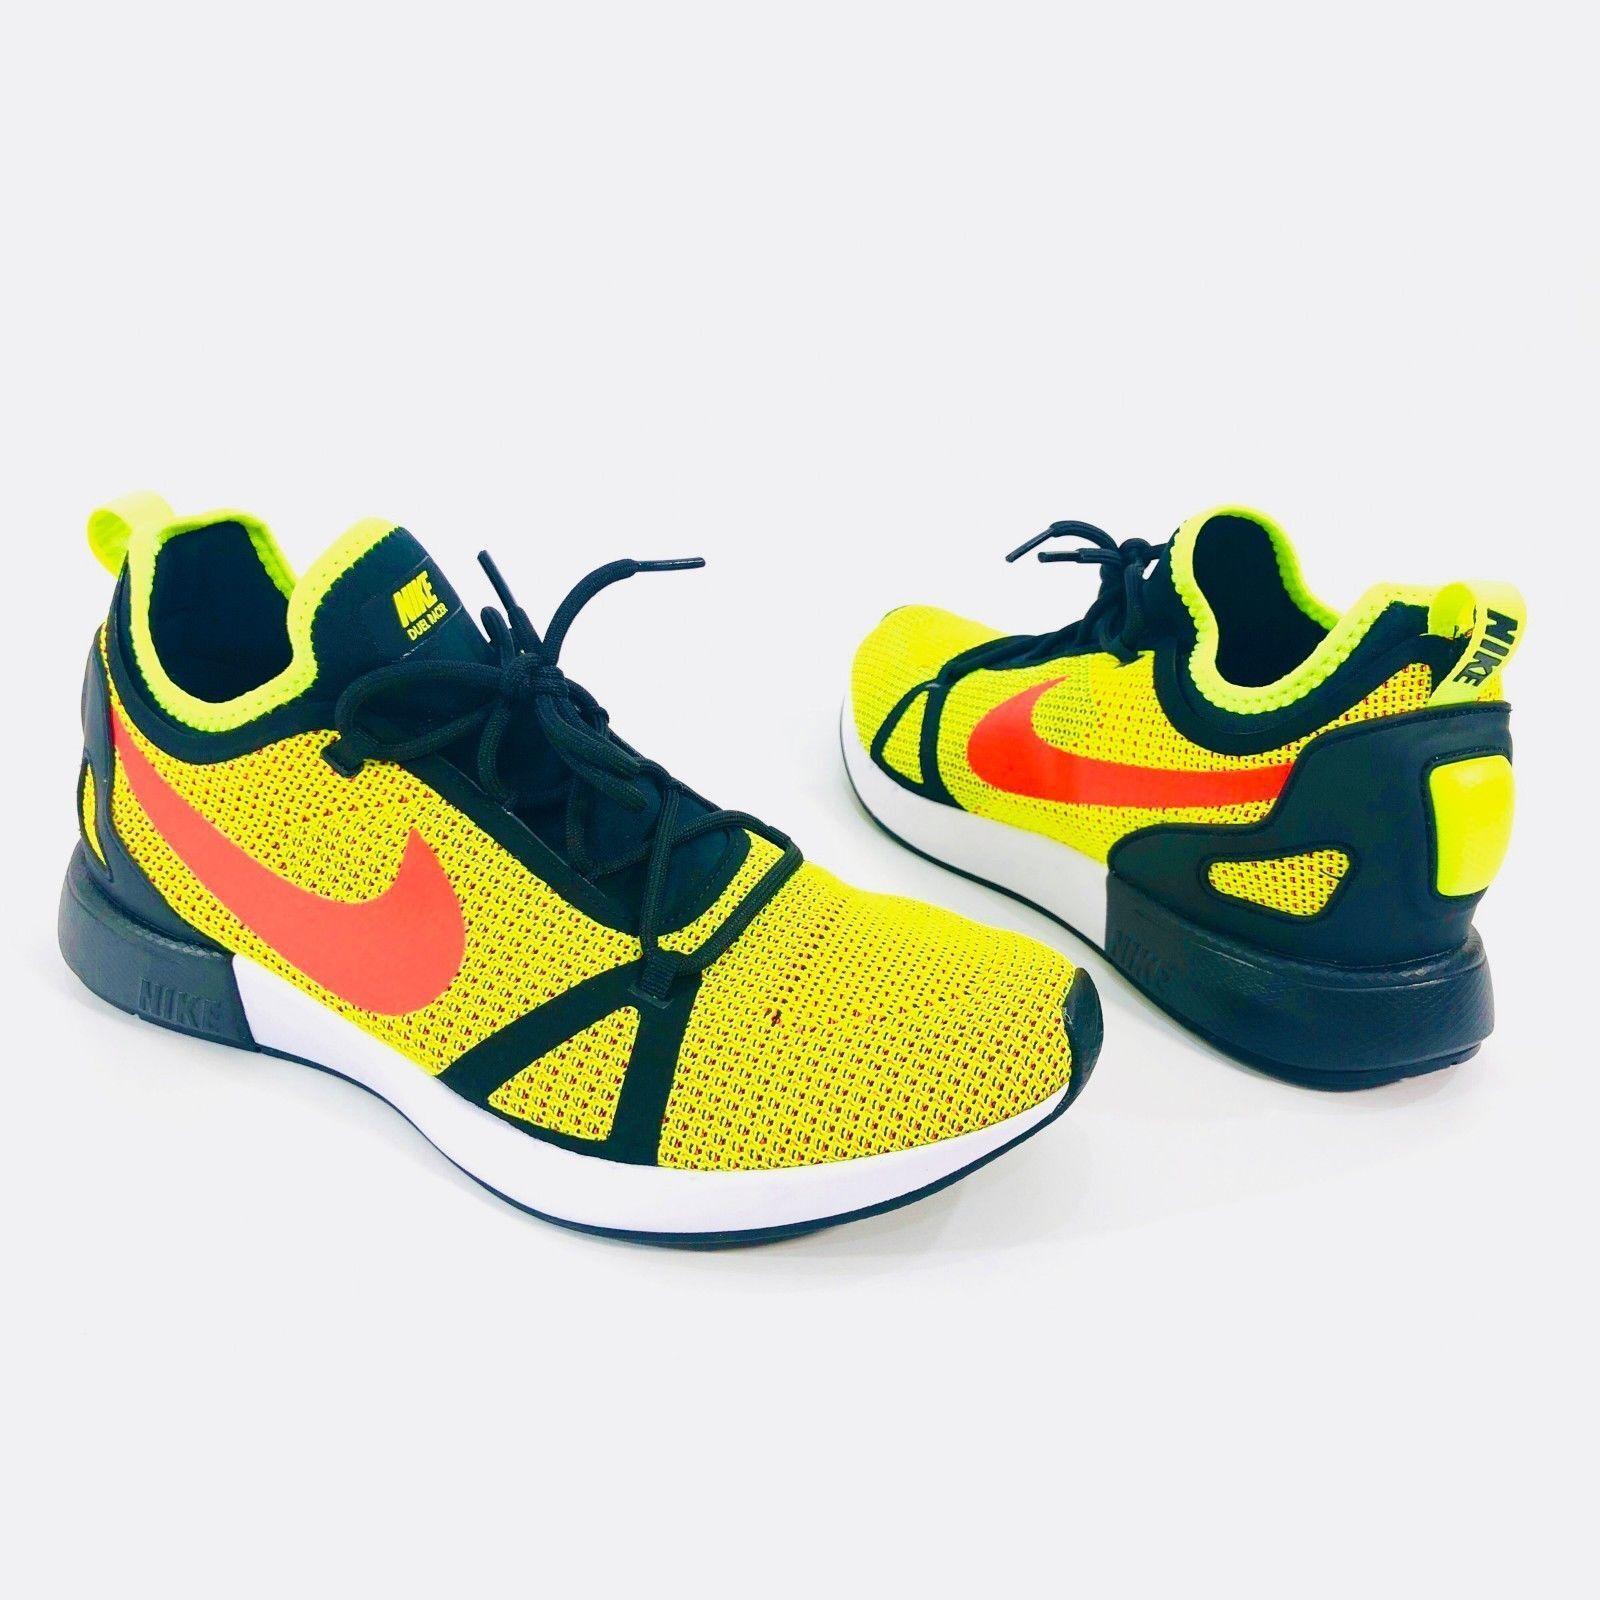 Nike duello racer uomo 918228-700 numero 9,5 volt raggiante nero 918228-700 uomo scarpa da corsa bc58b4